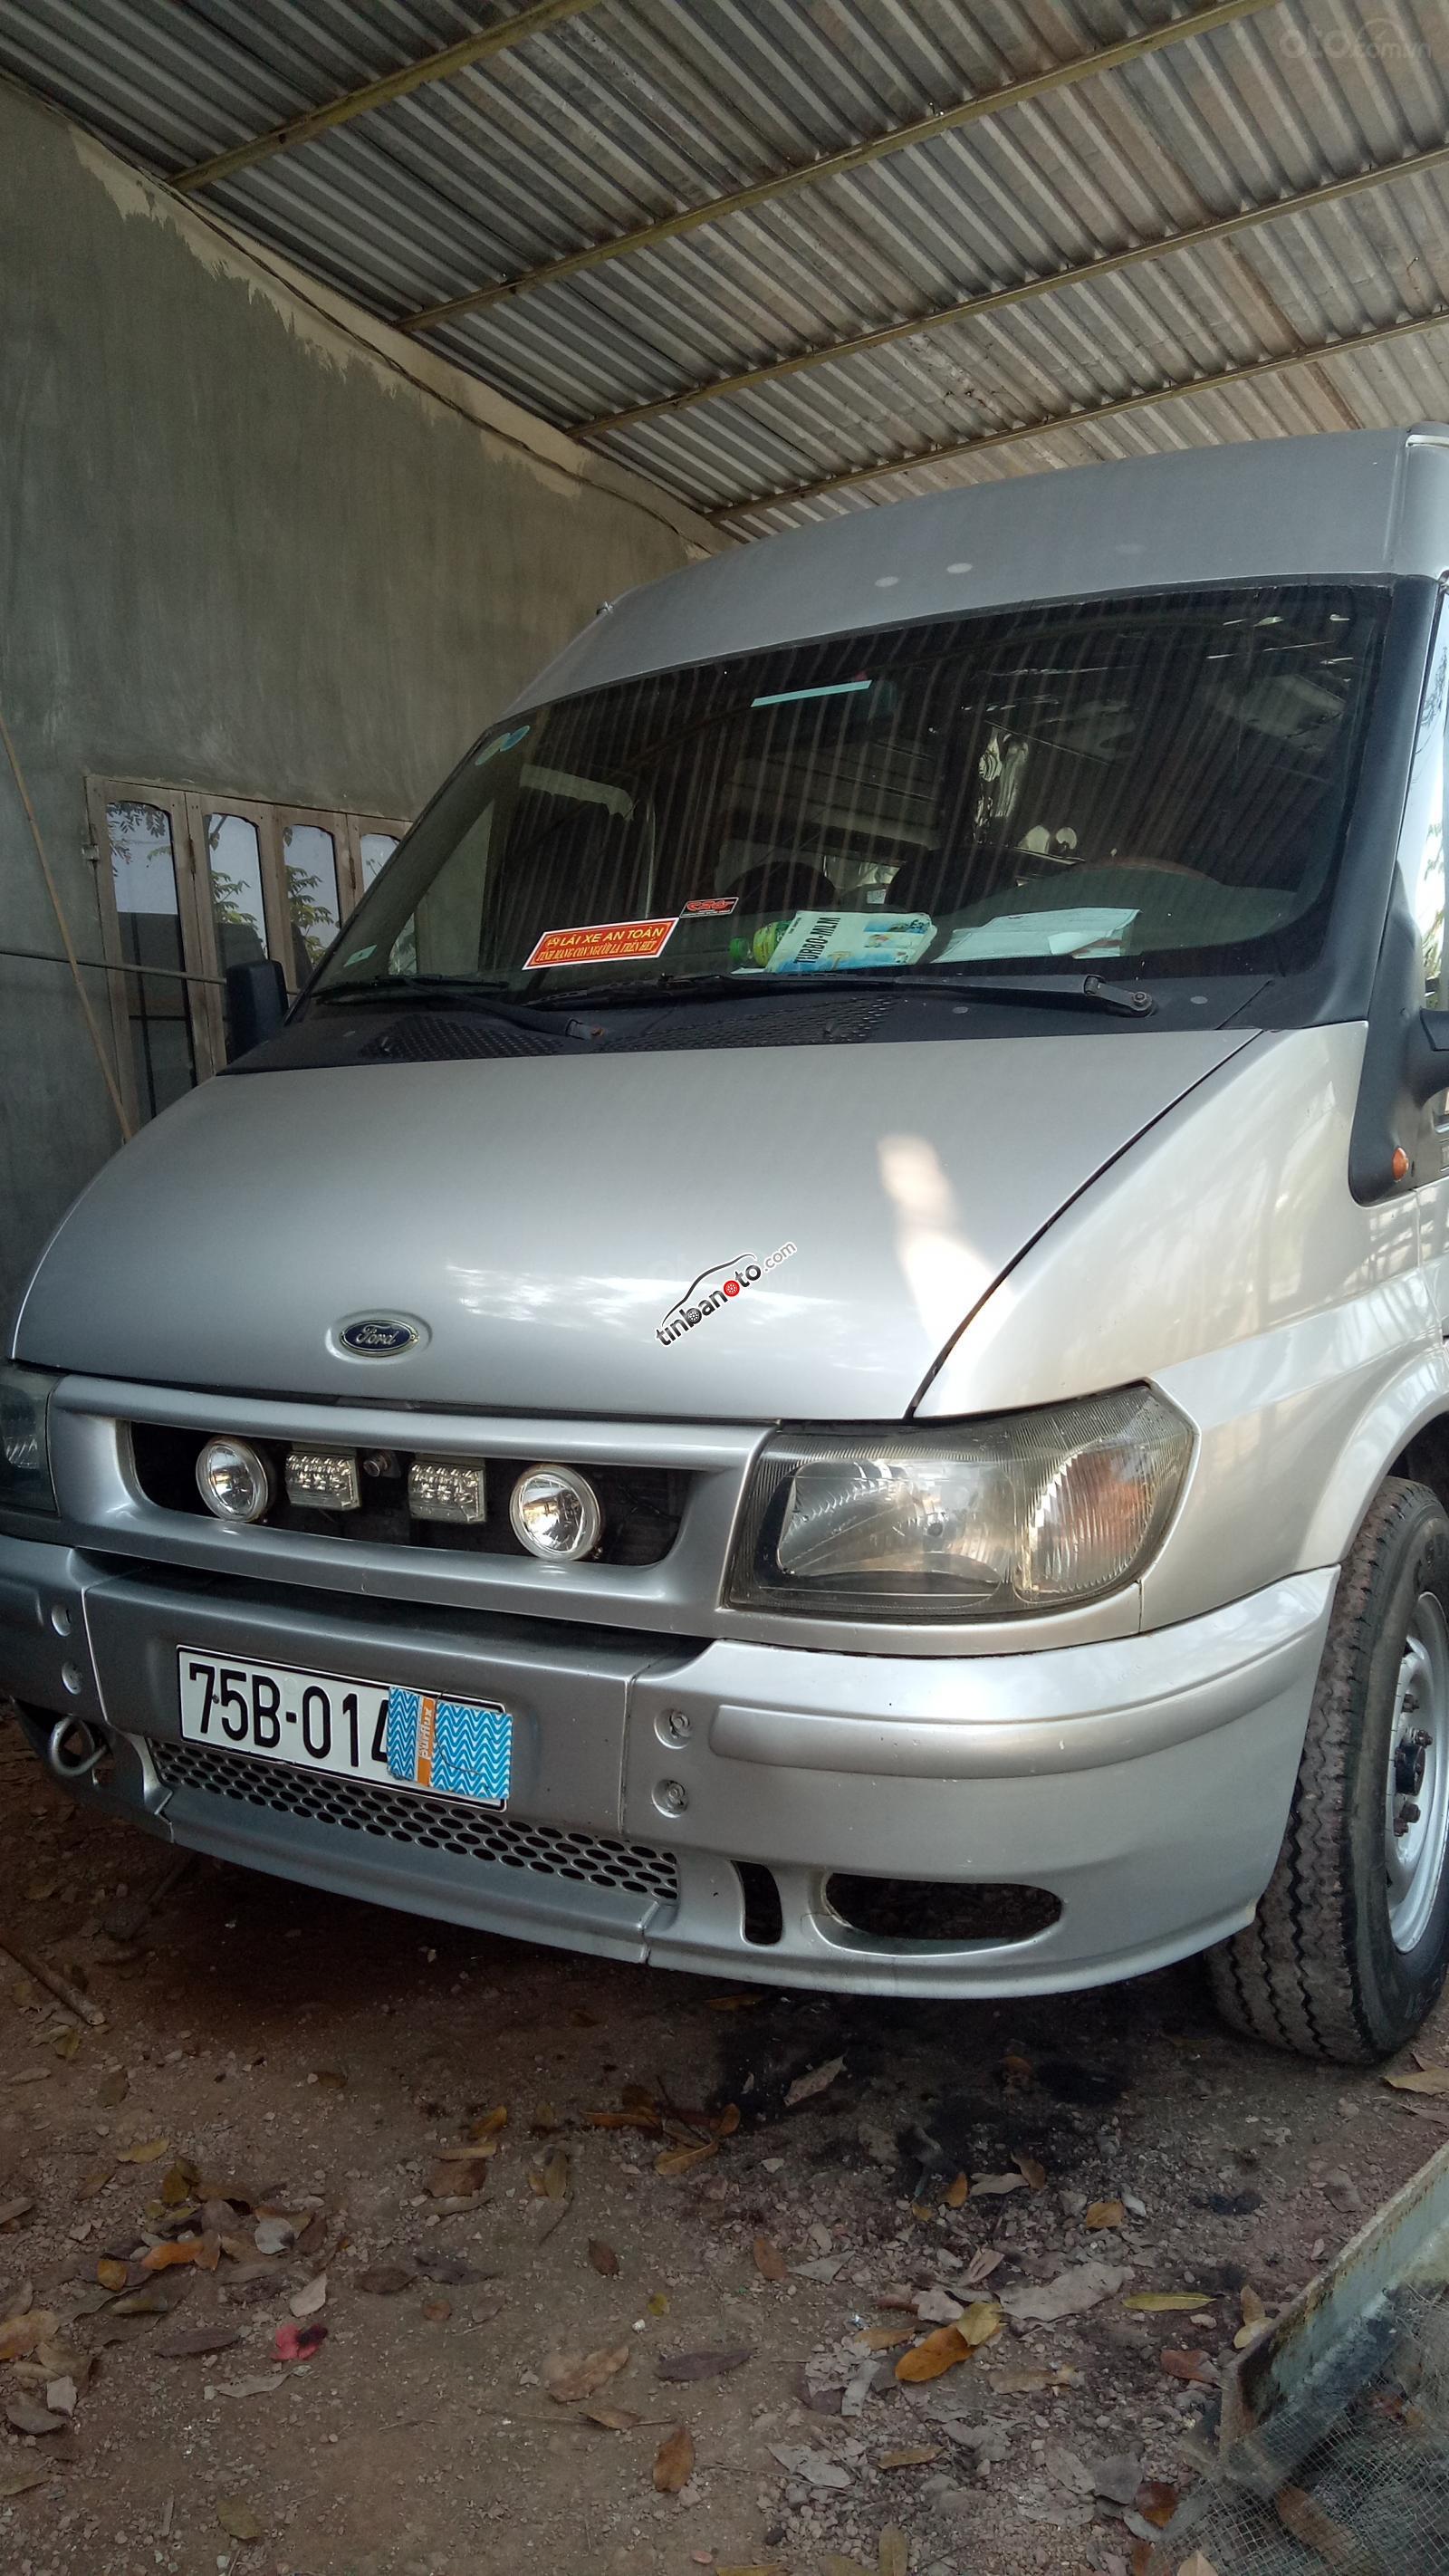 ban oto Nhap khau Ford Transit LX 2004